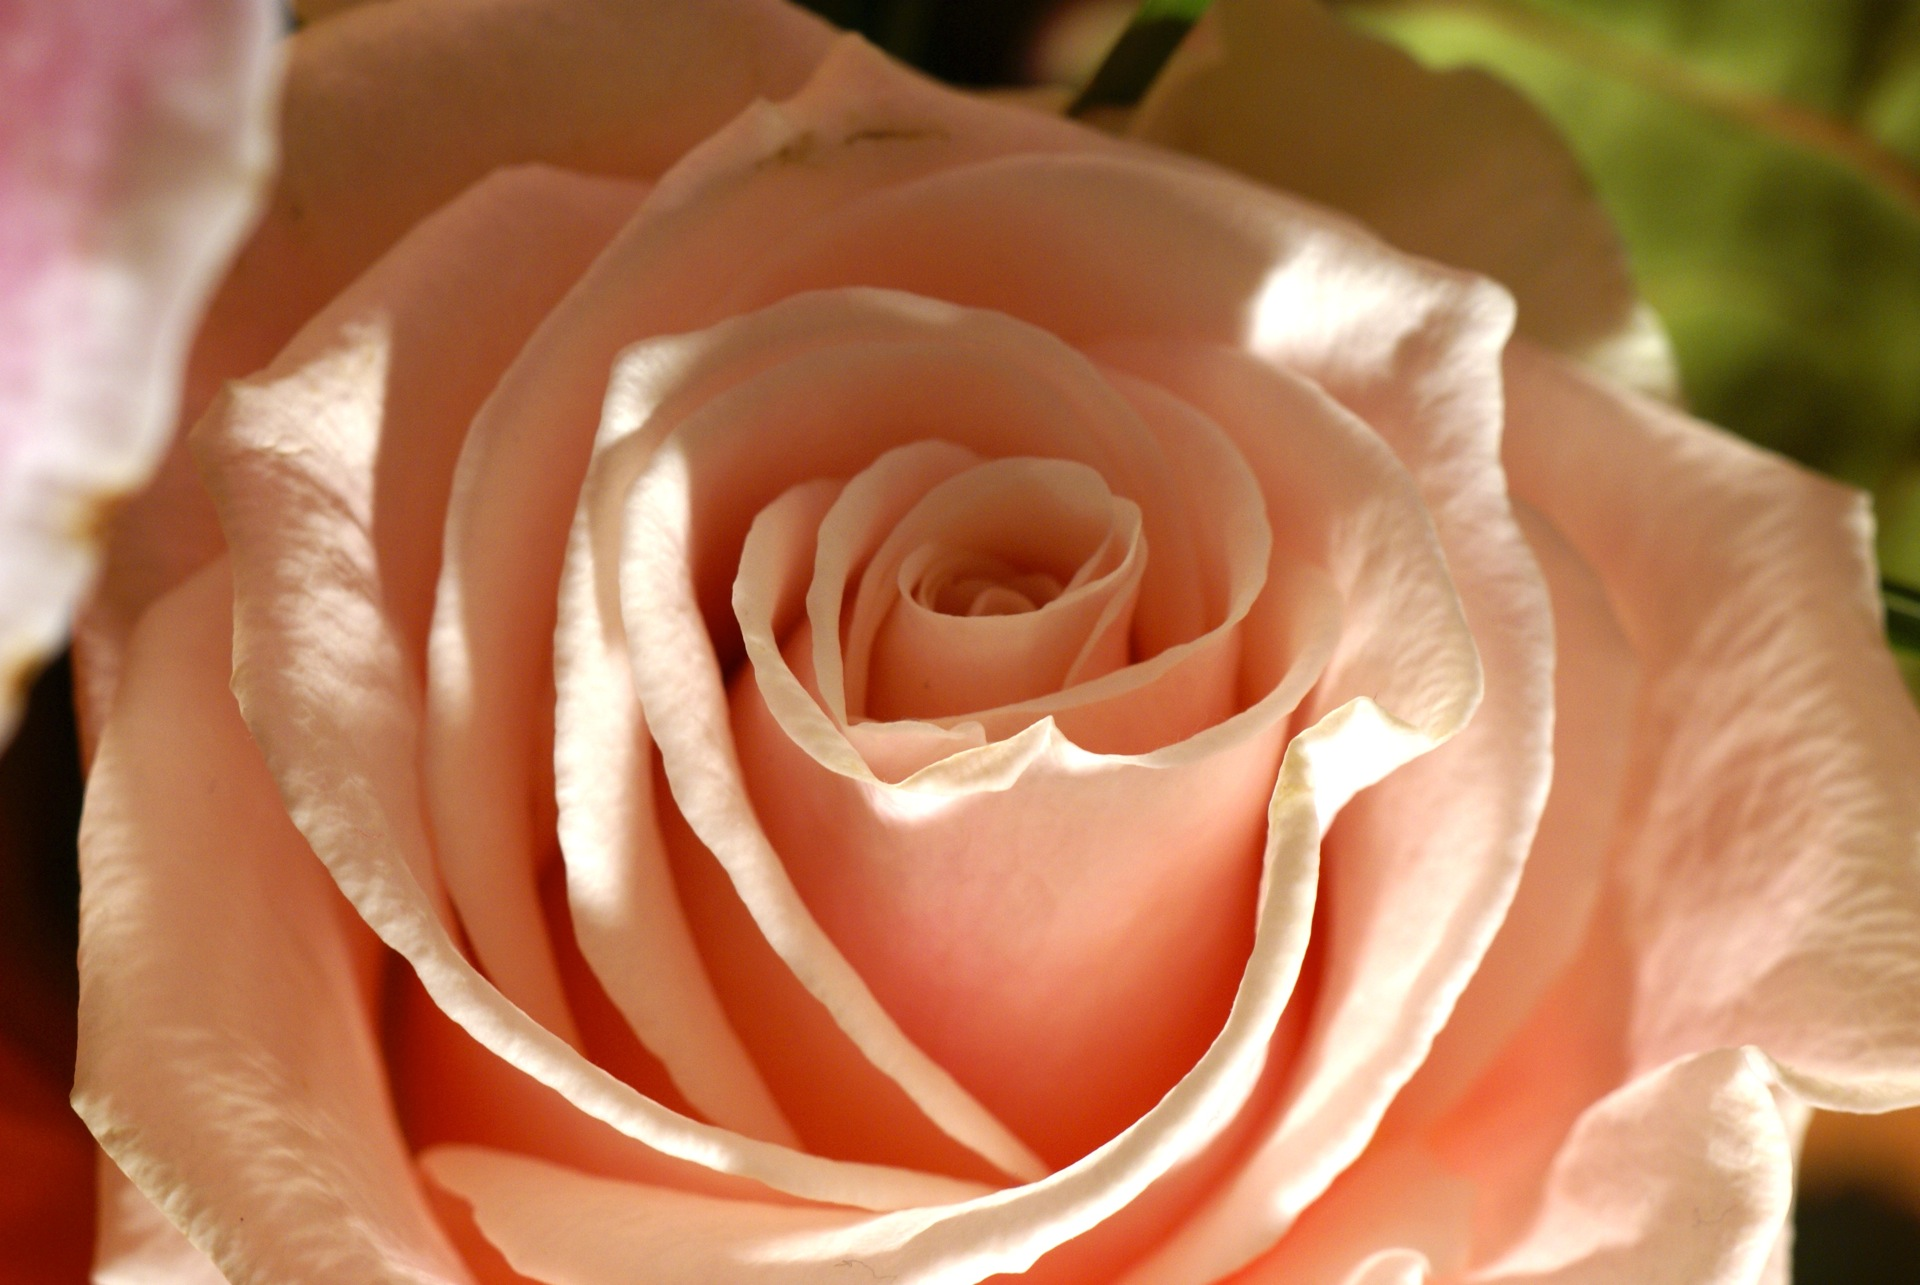 بالصور صور ورد حلوه , احلى باقه صور من الورود 6161 7